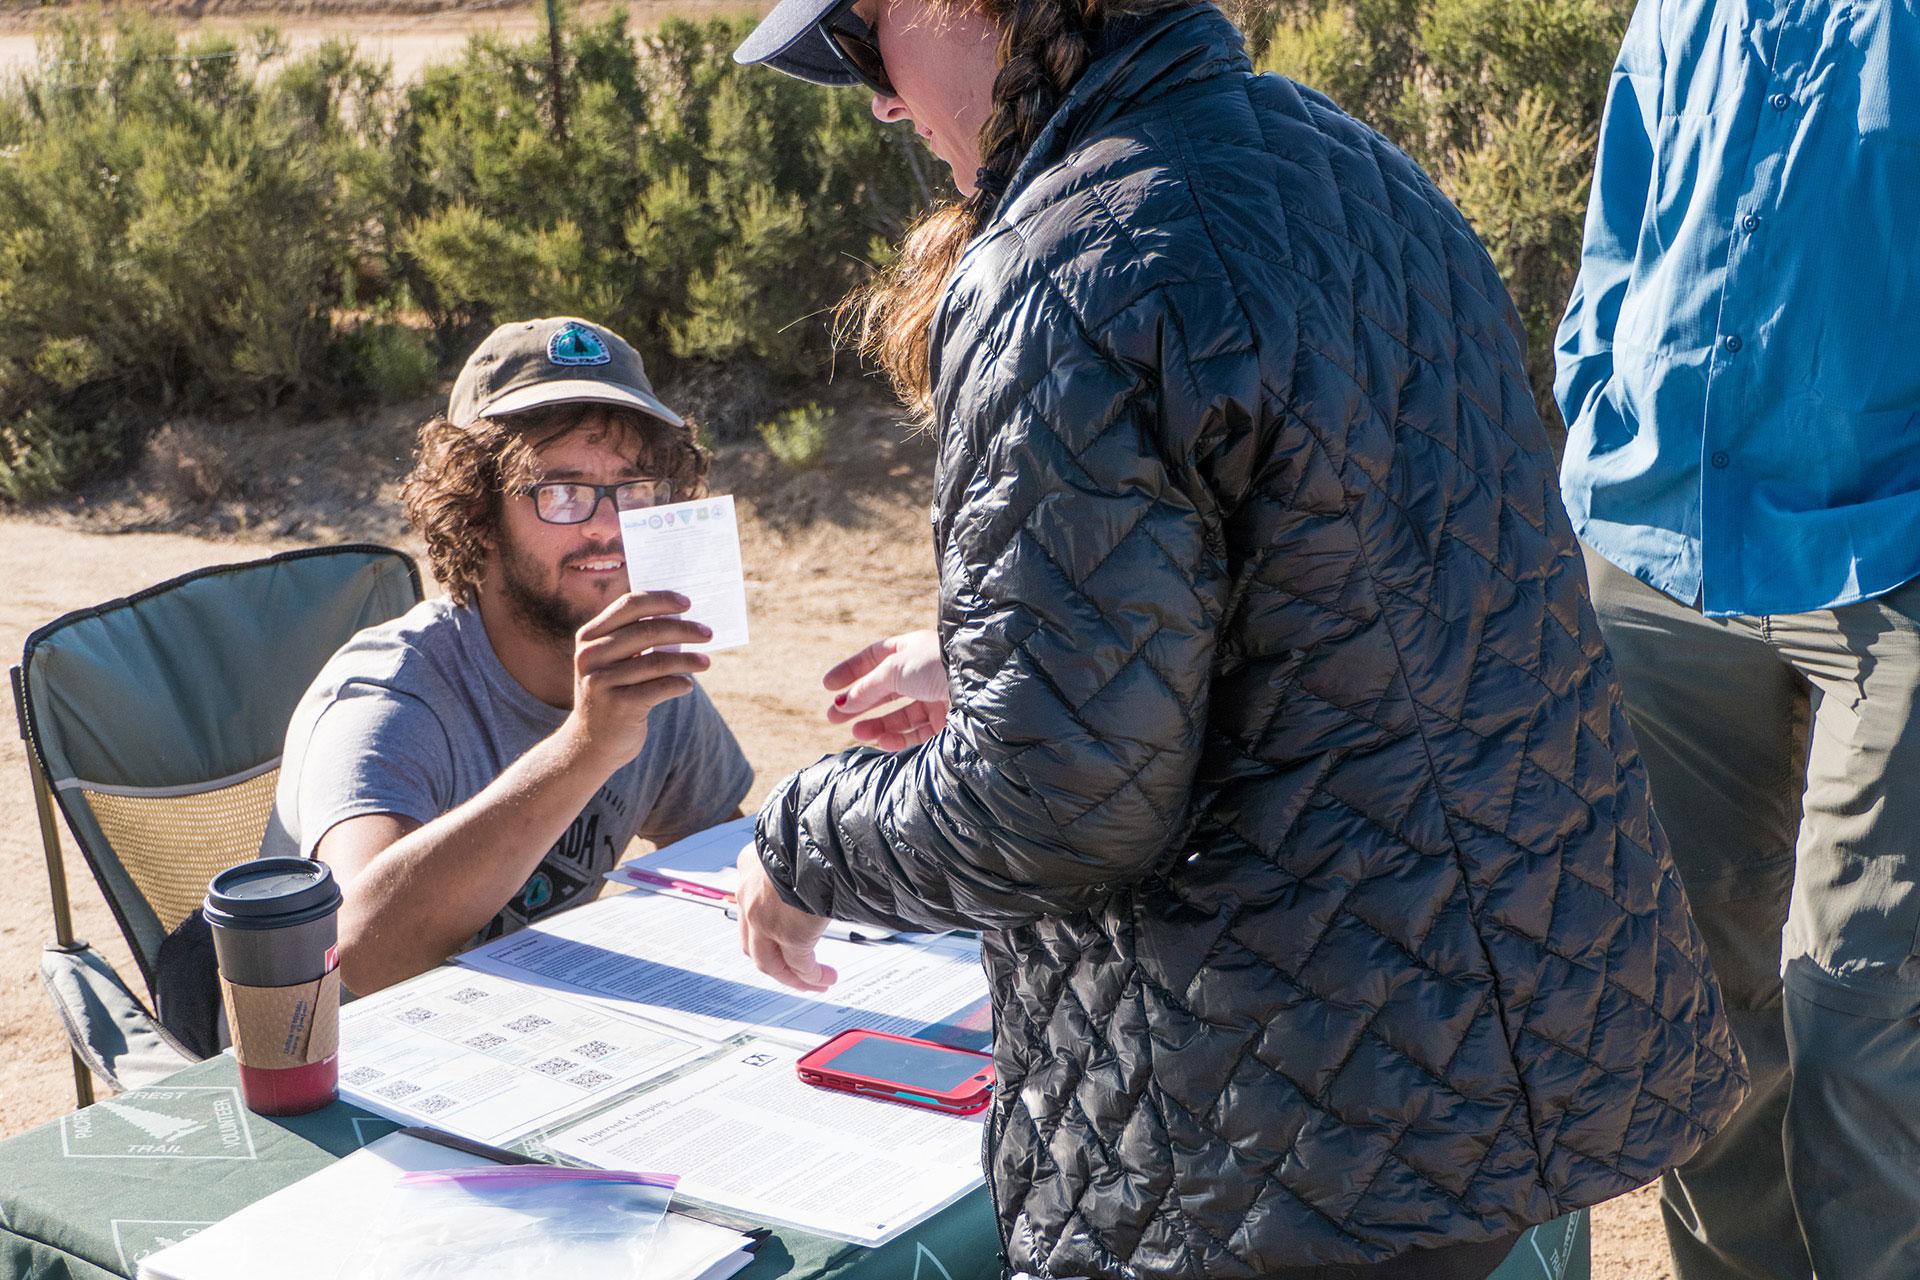 Tom checks a thru-hiker's permit.